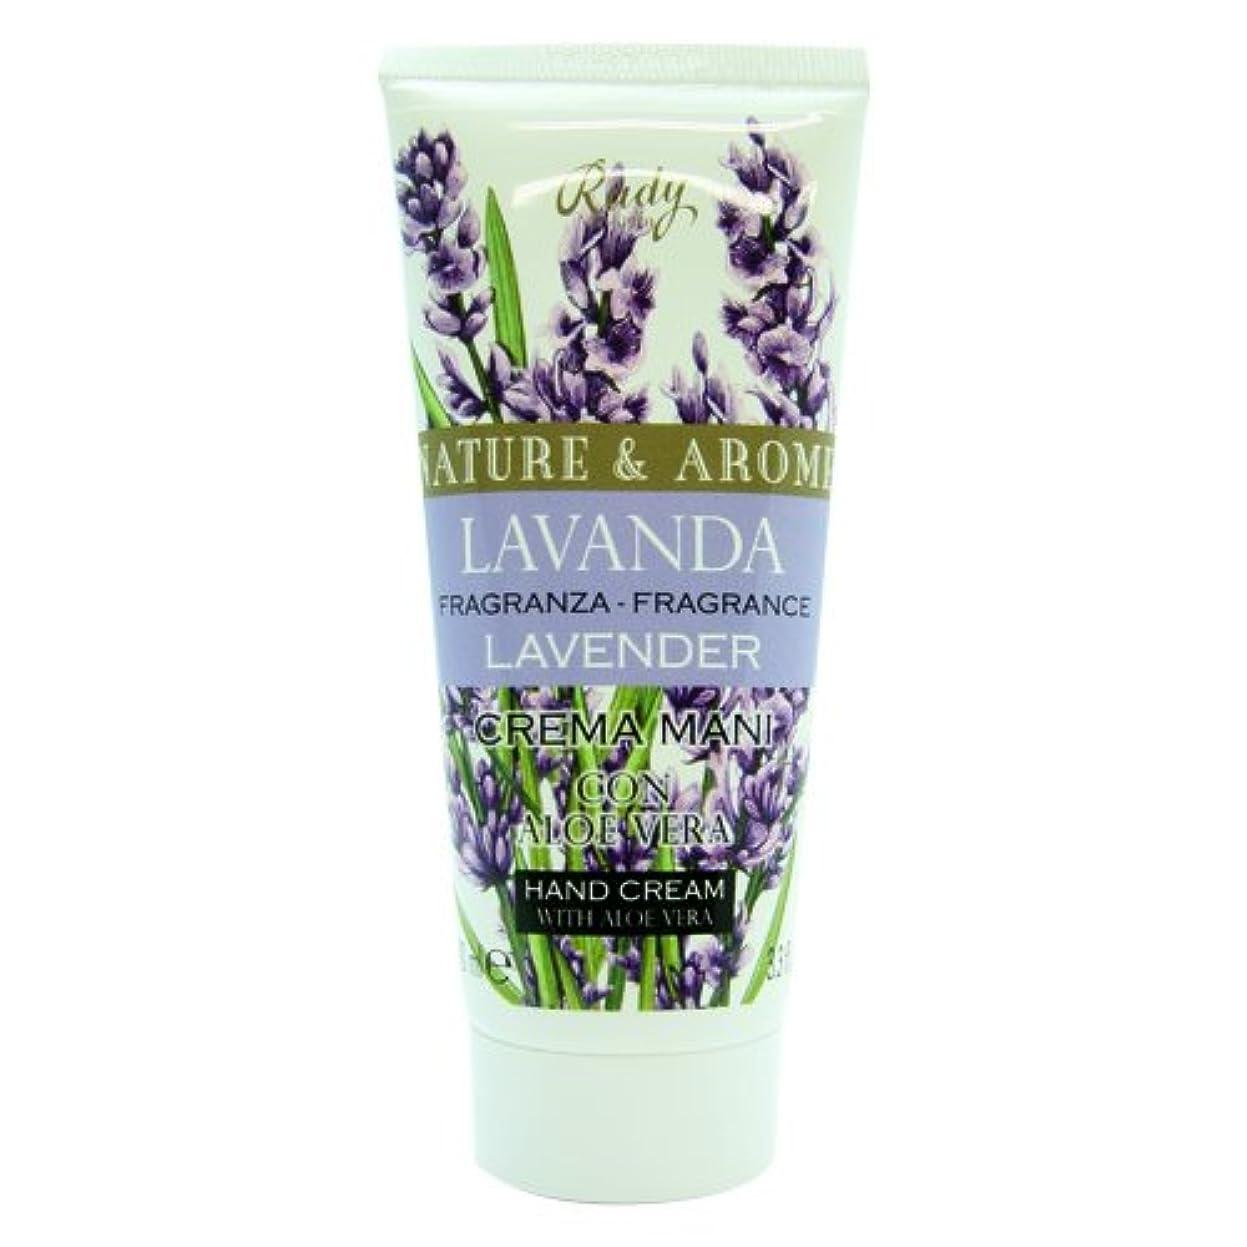 吹きさらしかける潜むRUDY Nature&Arome SERIES ルディ ナチュール&アロマ Hand Cream ハンドクリーム  Lavender ラベンダー